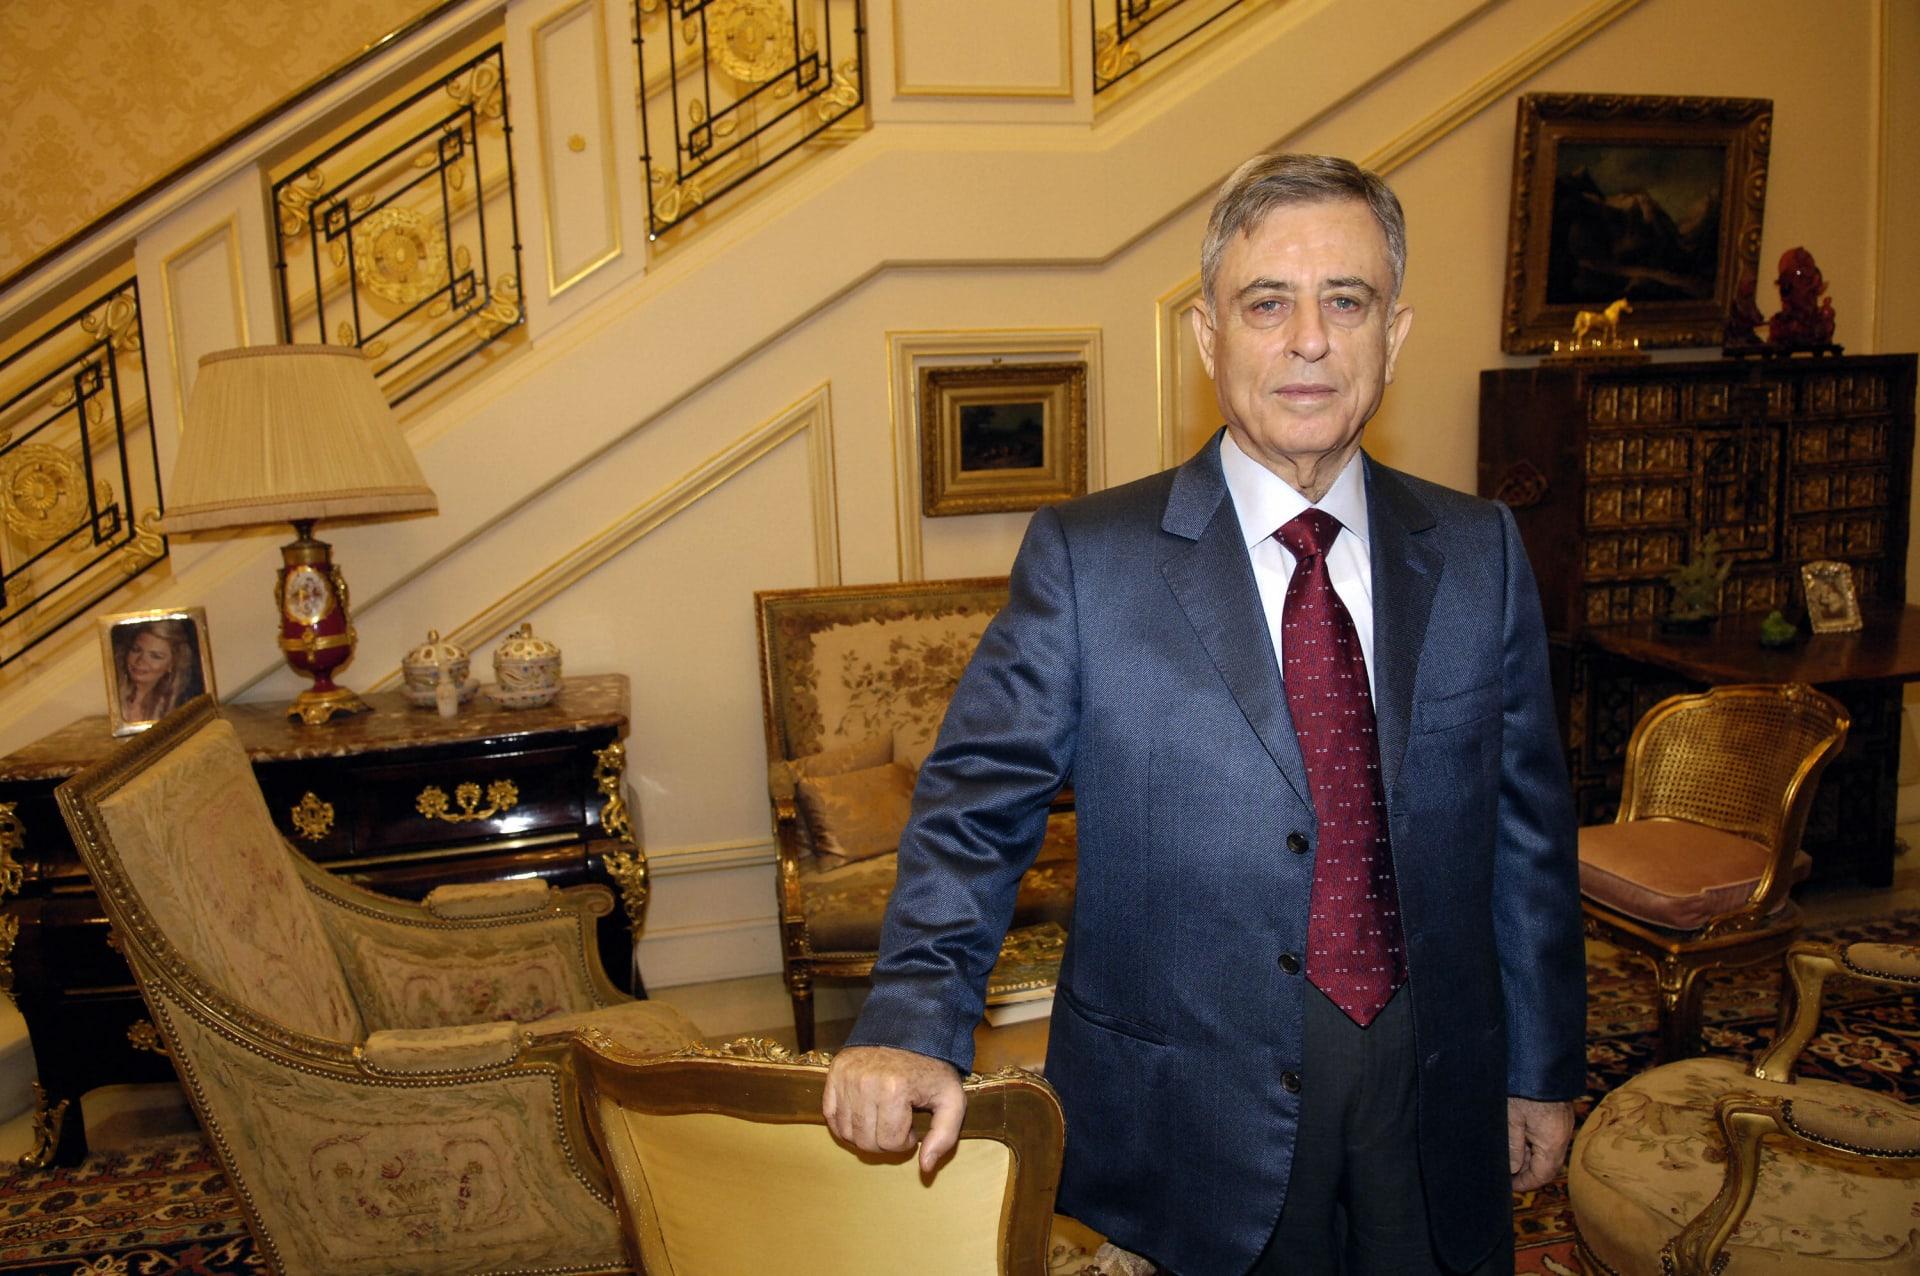 ساسة يتناقلون خبر وفاة عبد الحليم خدام نائب رئيس سوريا الأسبق.. فكيف جاءت التعليقات؟